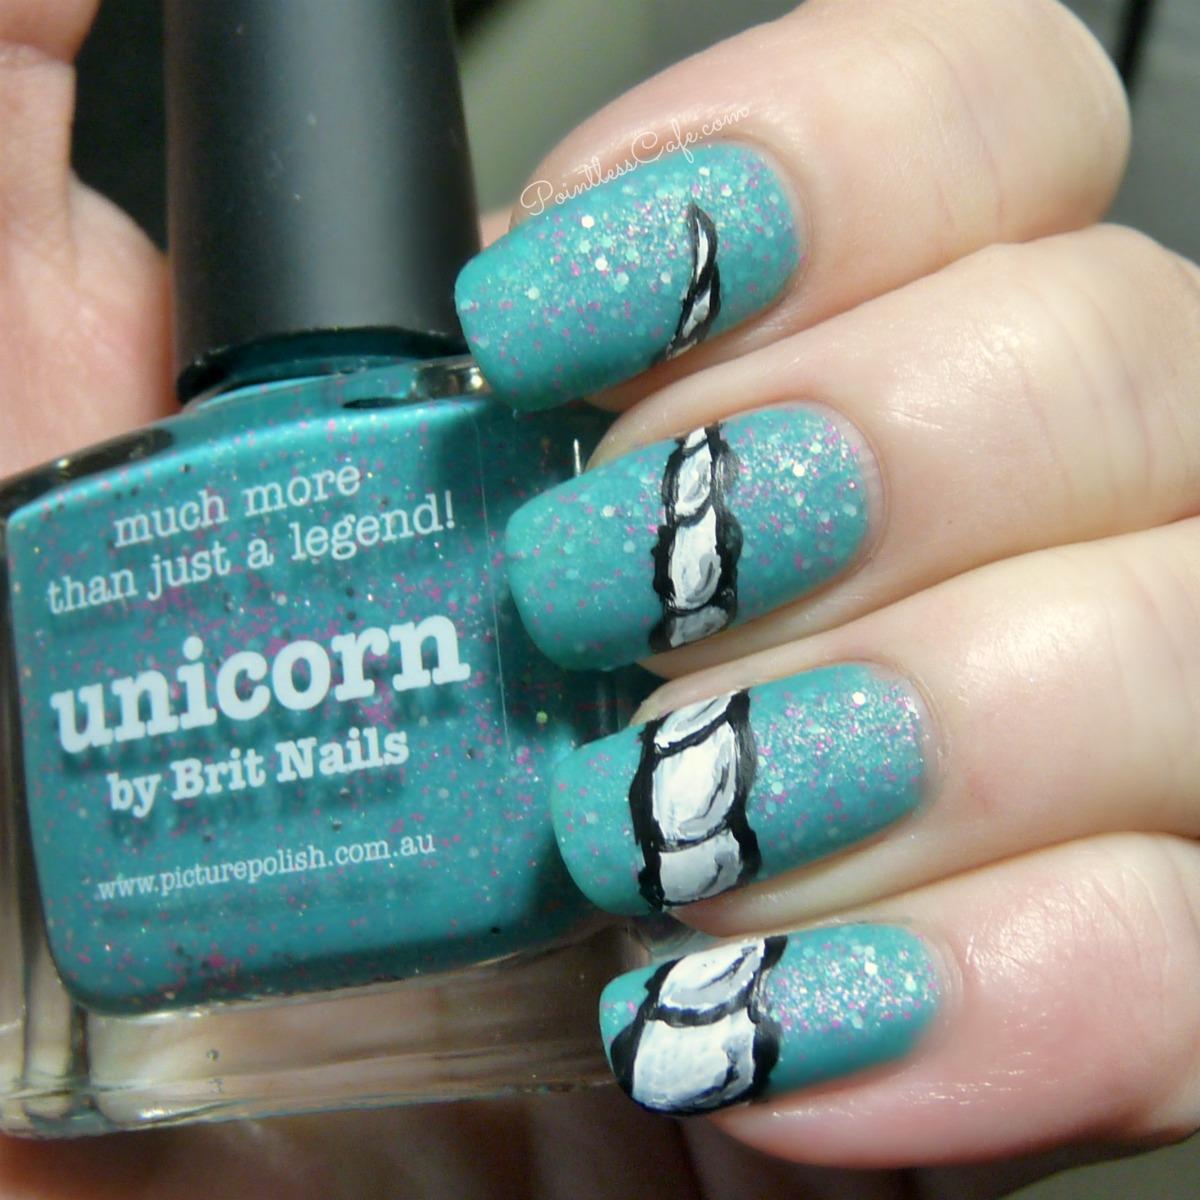 unicorn-nail-art